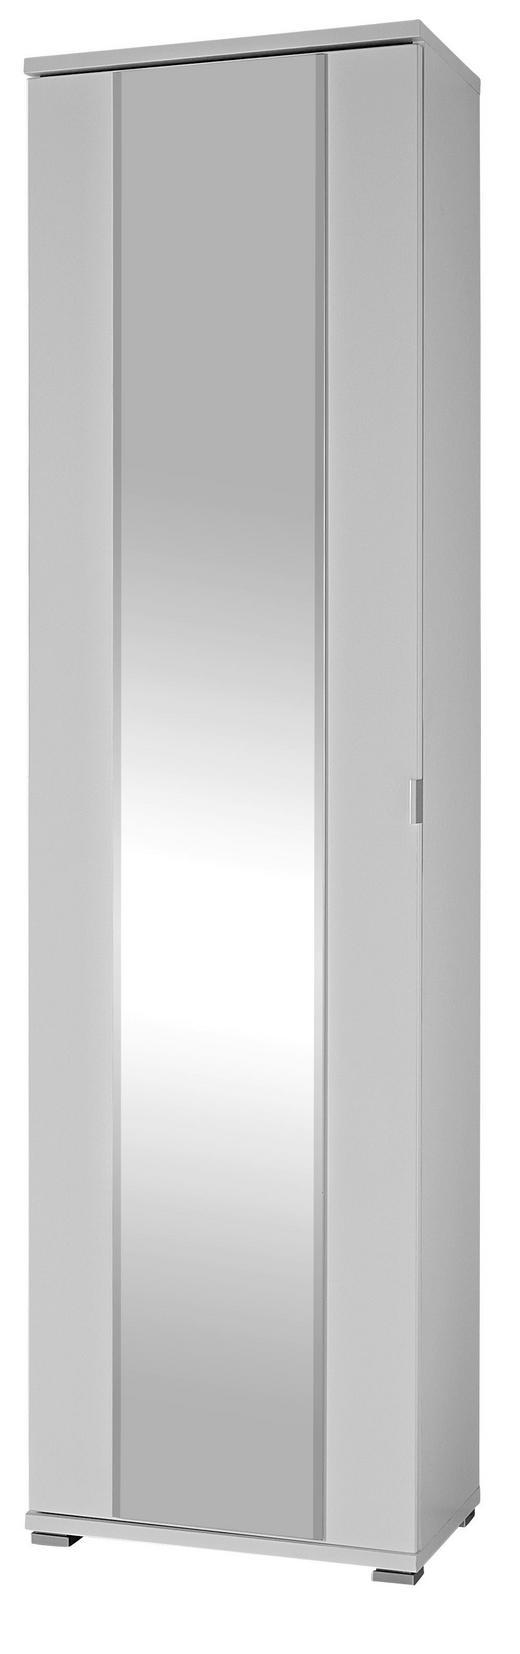 GARDEROBENSCHRANK Weiß - Alufarben/Weiß, Basics, Holzwerkstoff/Metall (54/199/34cm) - Xora